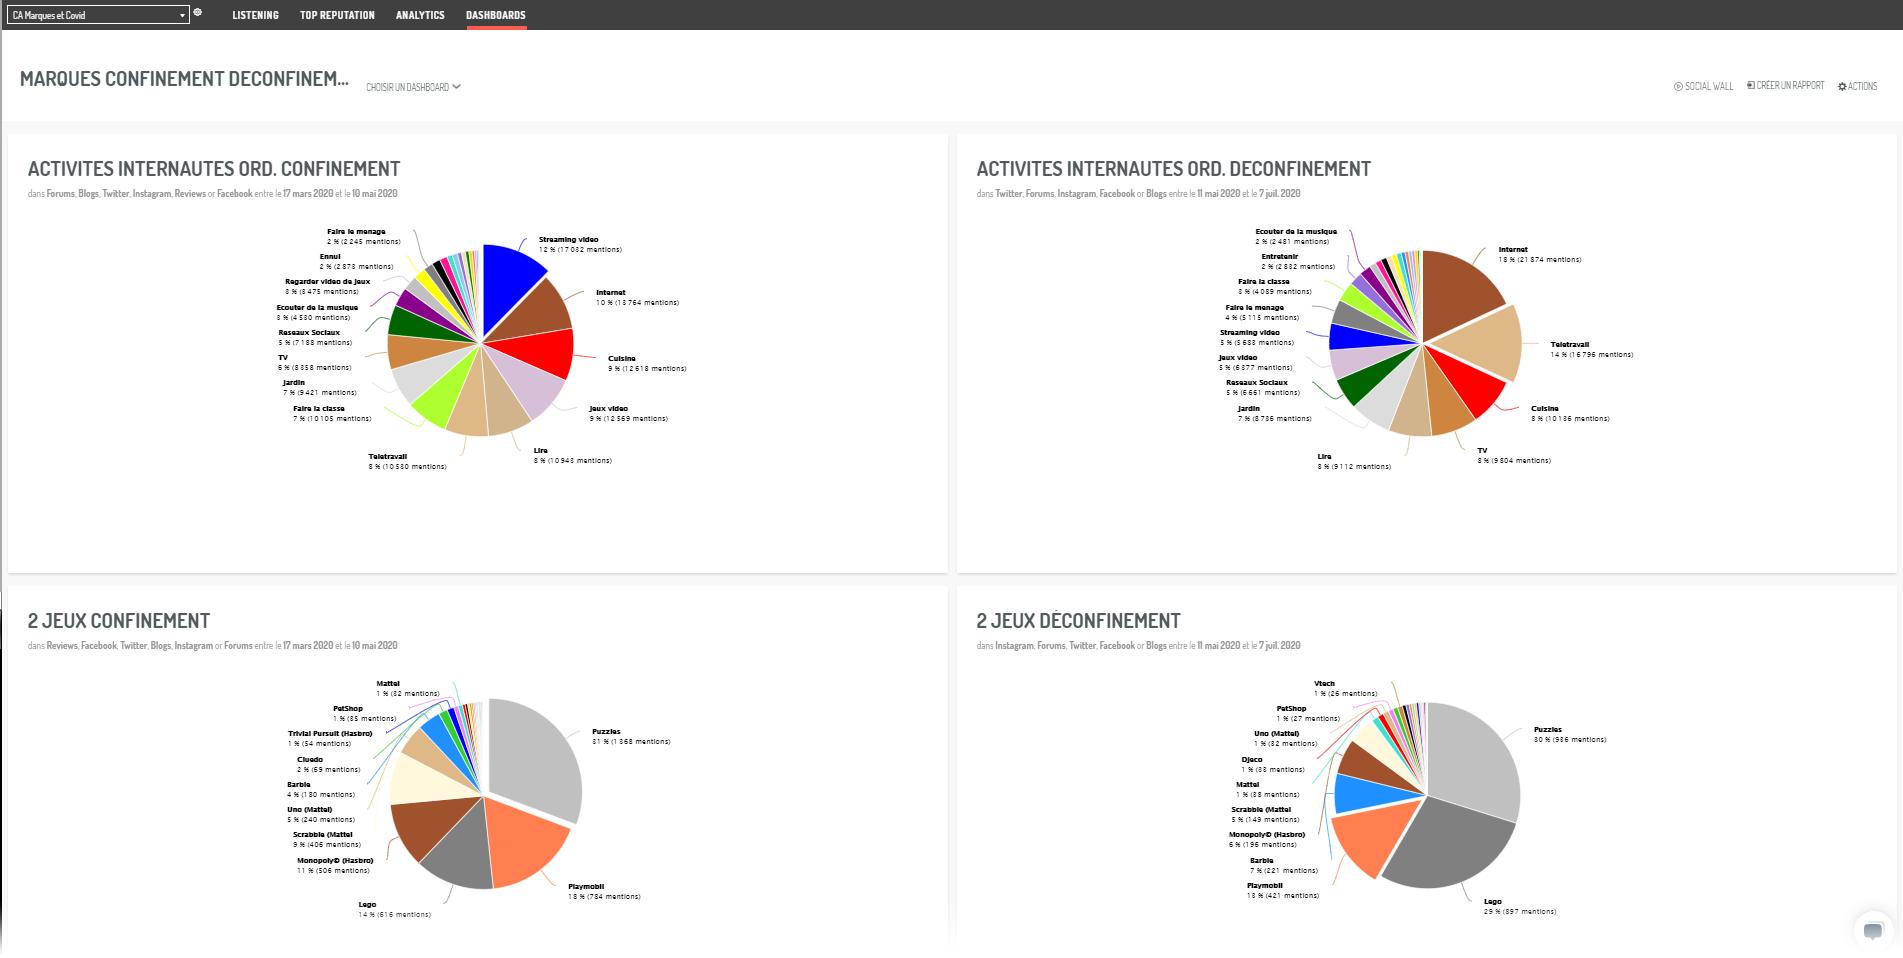 Dashboard présentant les évolutions de styles de consommation en confinement vs déconfinement